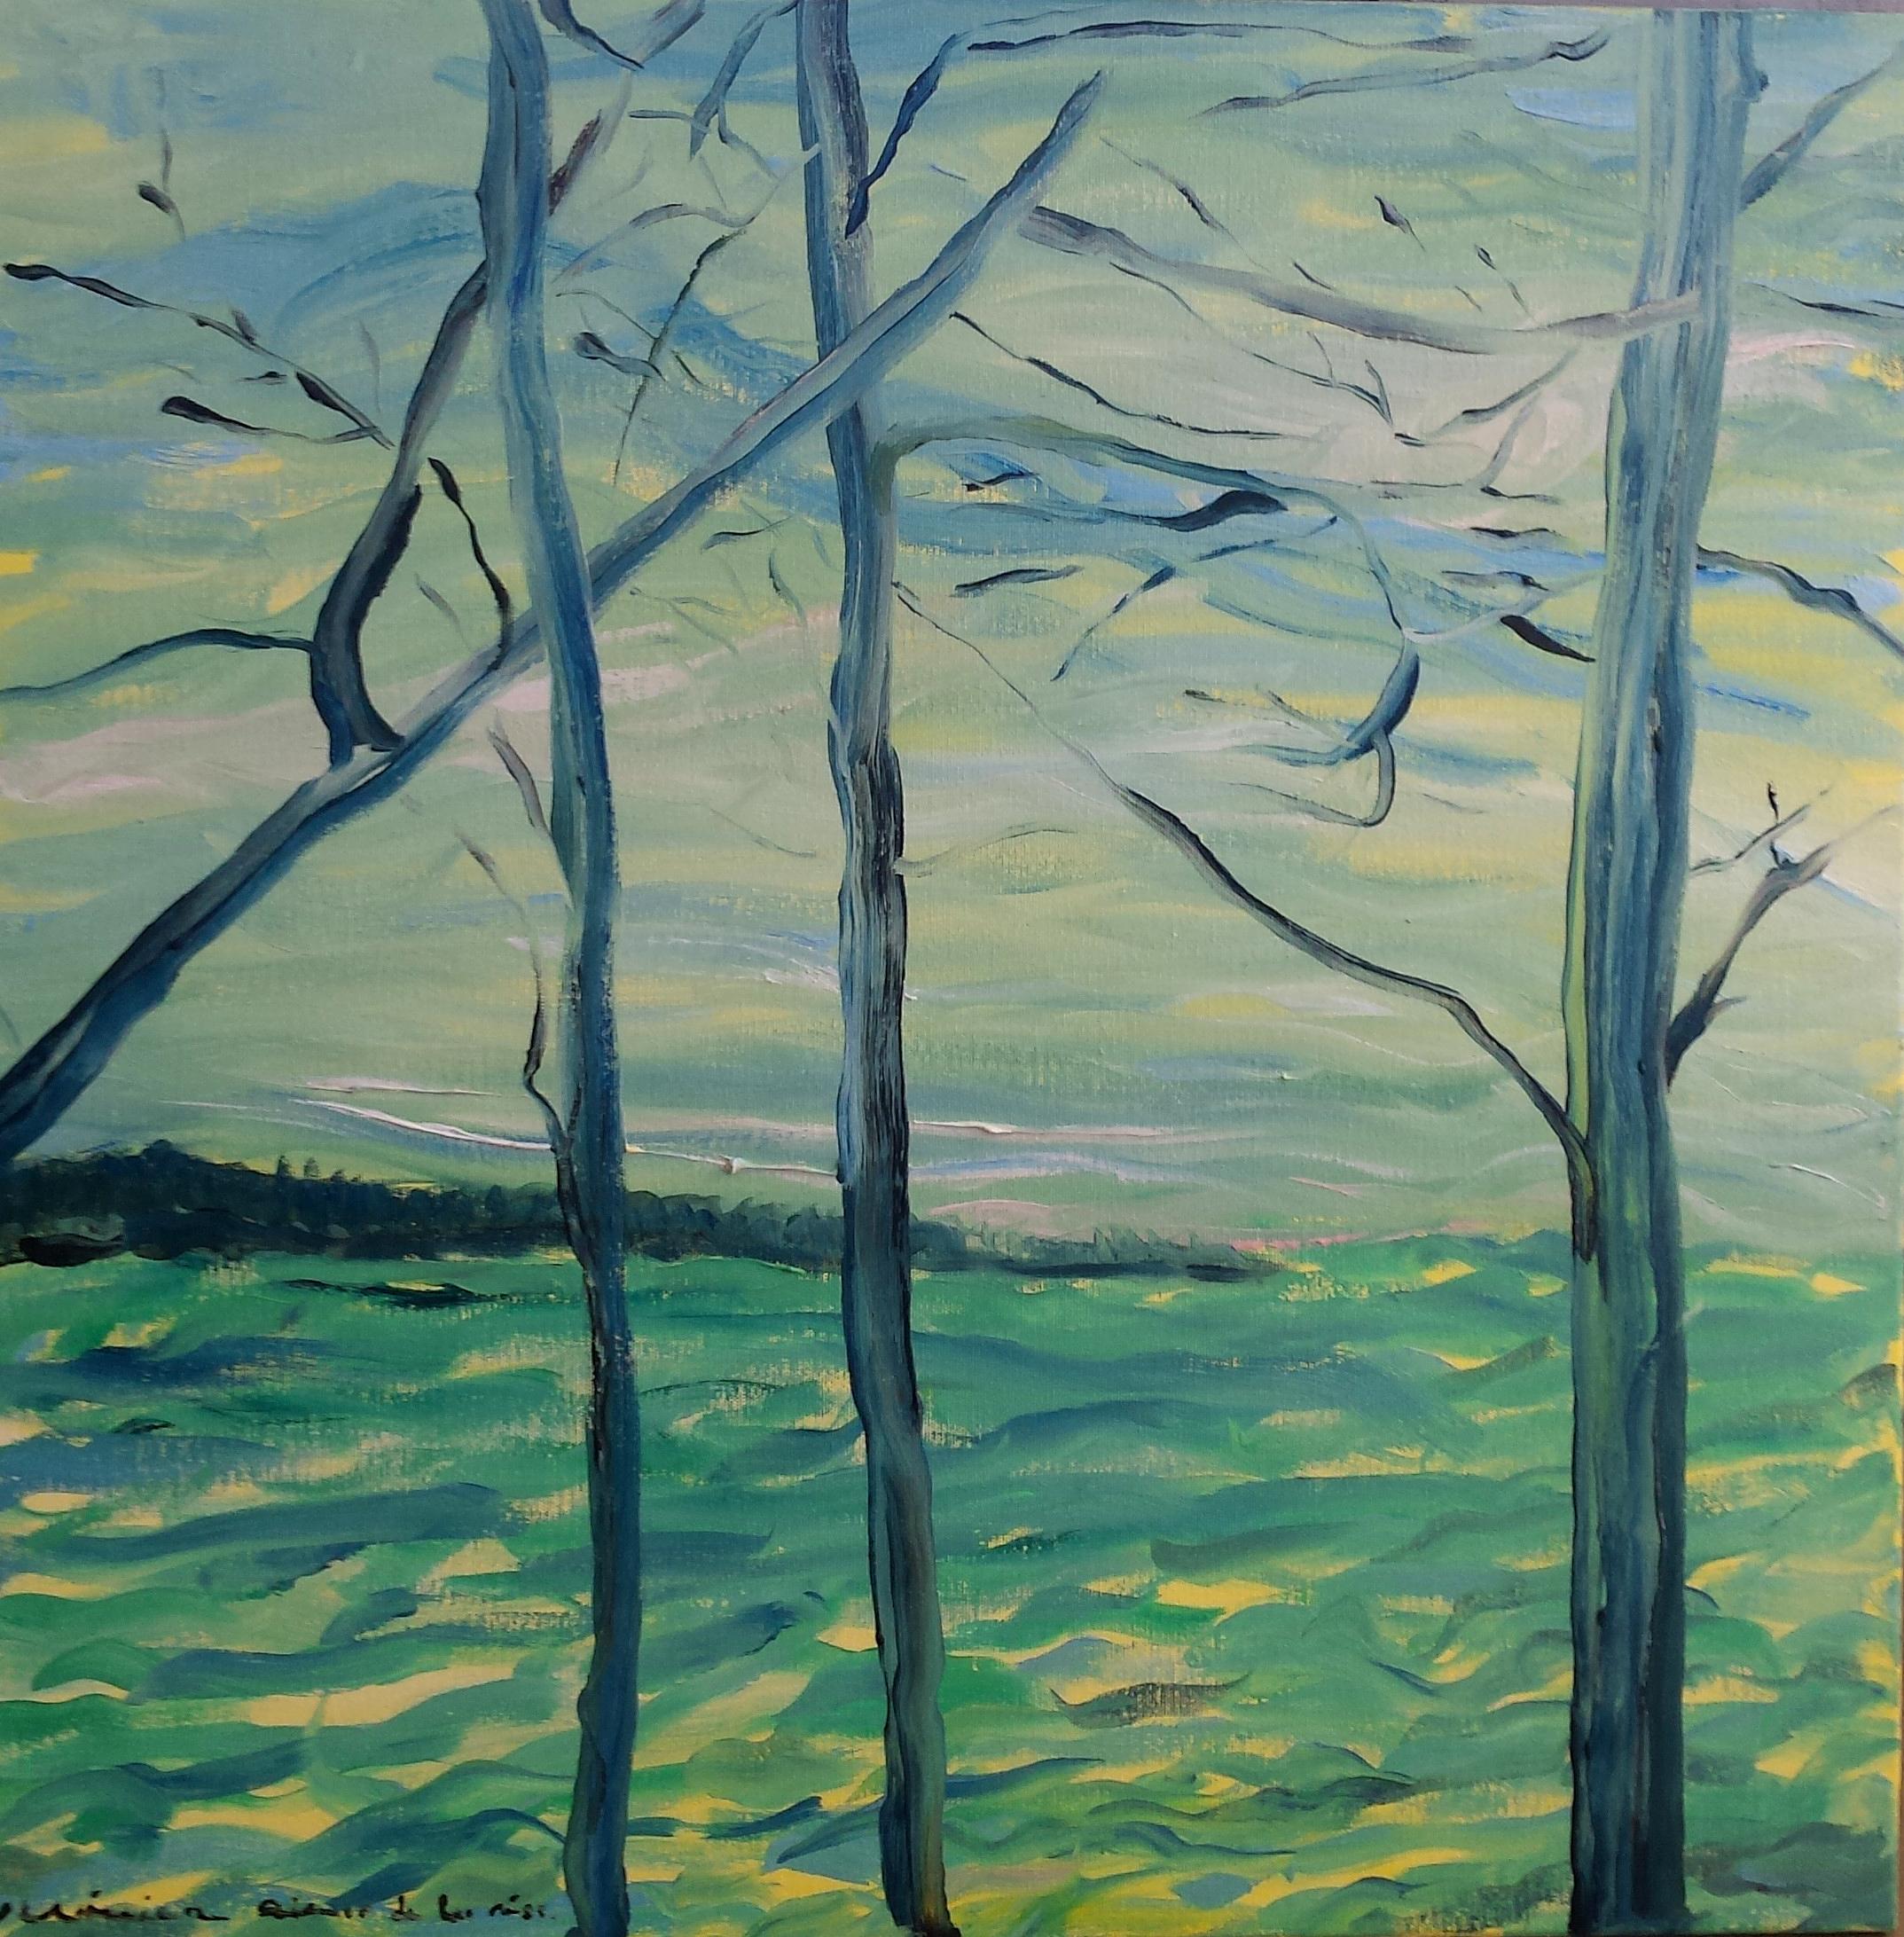 Veronica Alonso de los Rios-Lake trees v